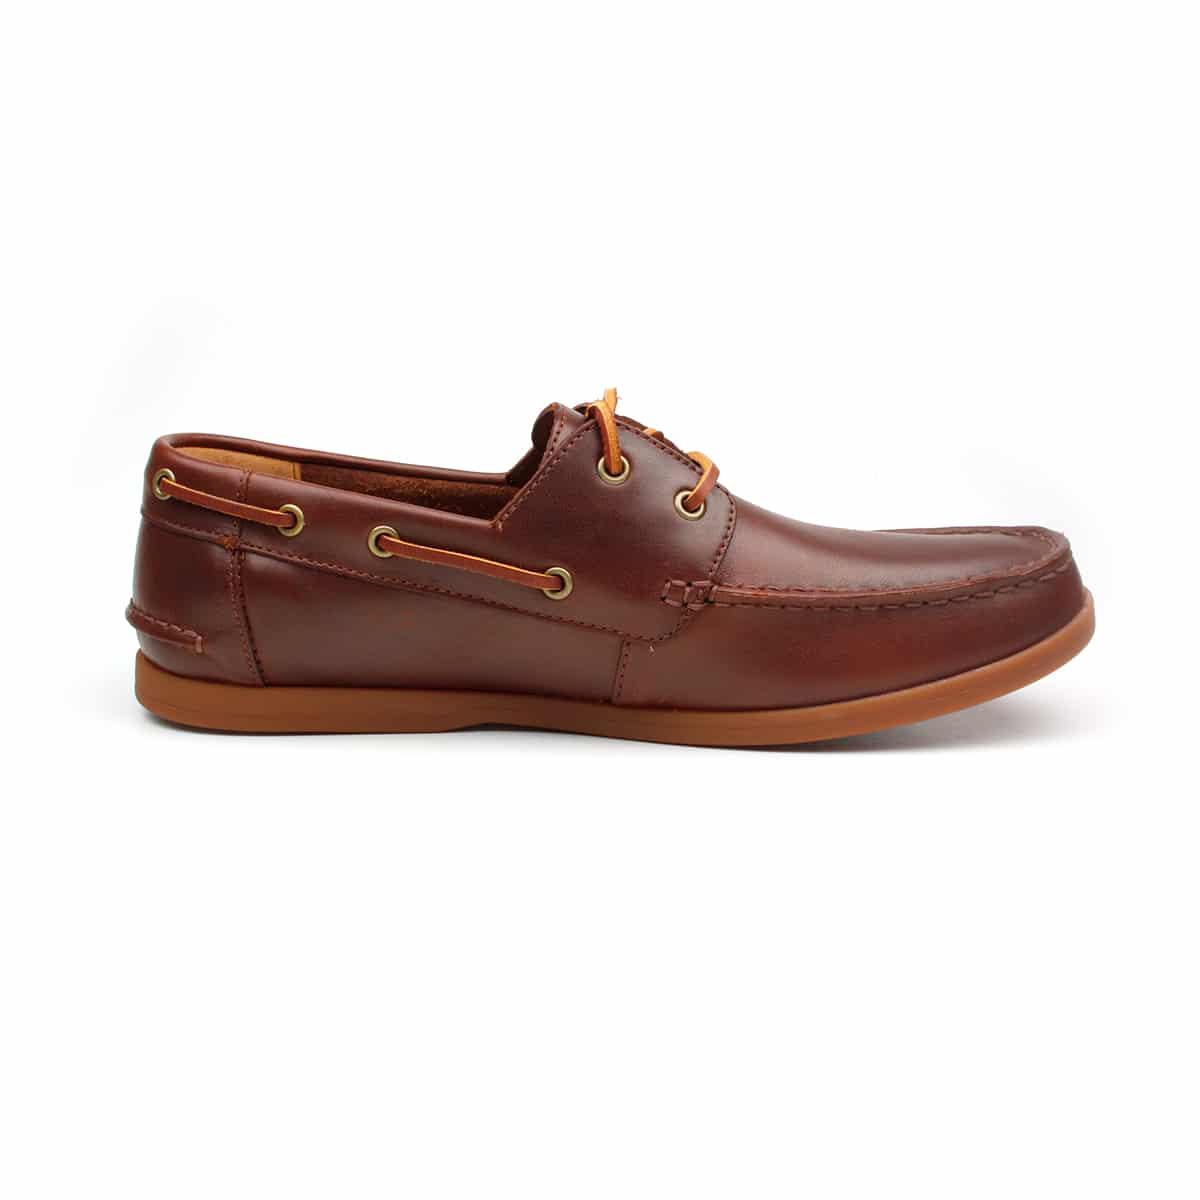 b8252d703cb Clarks Morven Sail - 121 Shoes